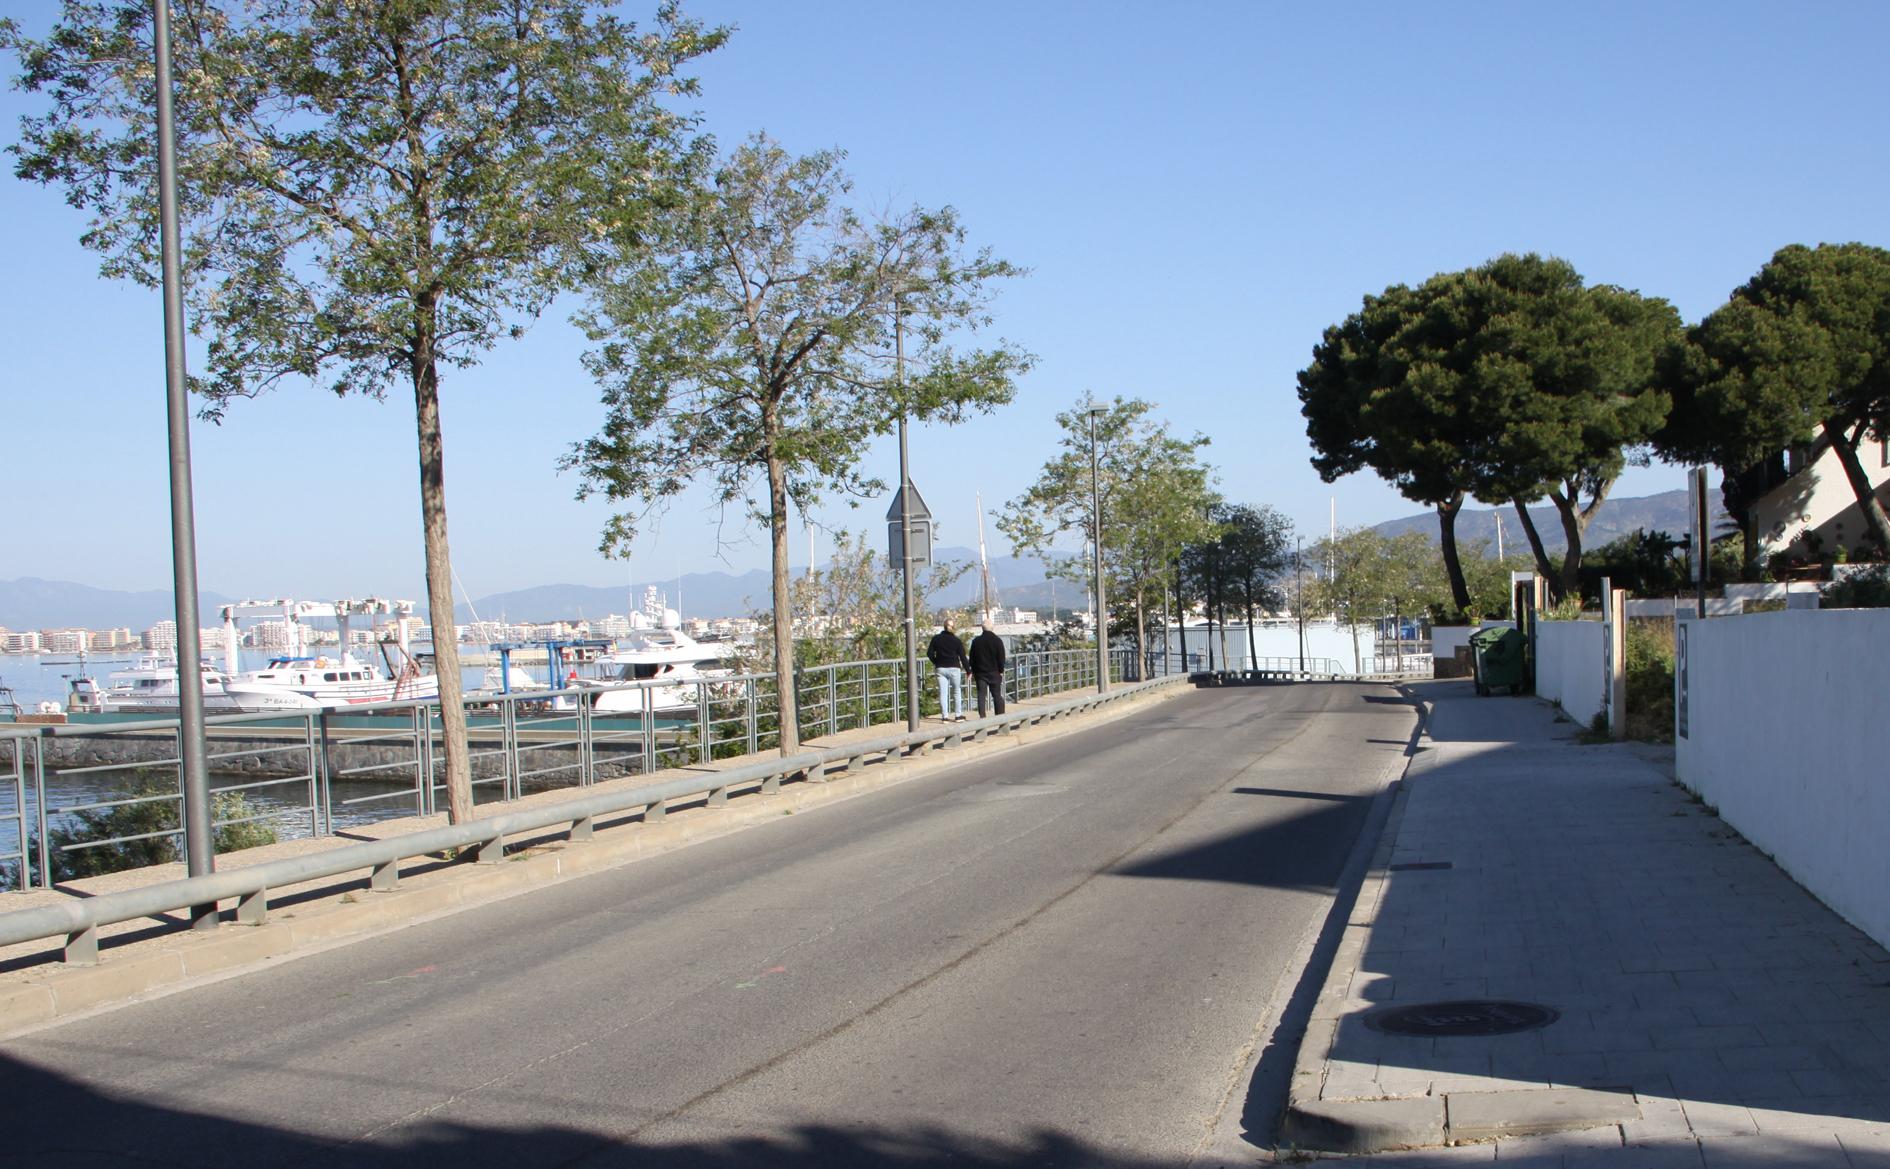 Talls de trànsit a la carretera del Far de Roses, a partir de dilluns 24 d'abril